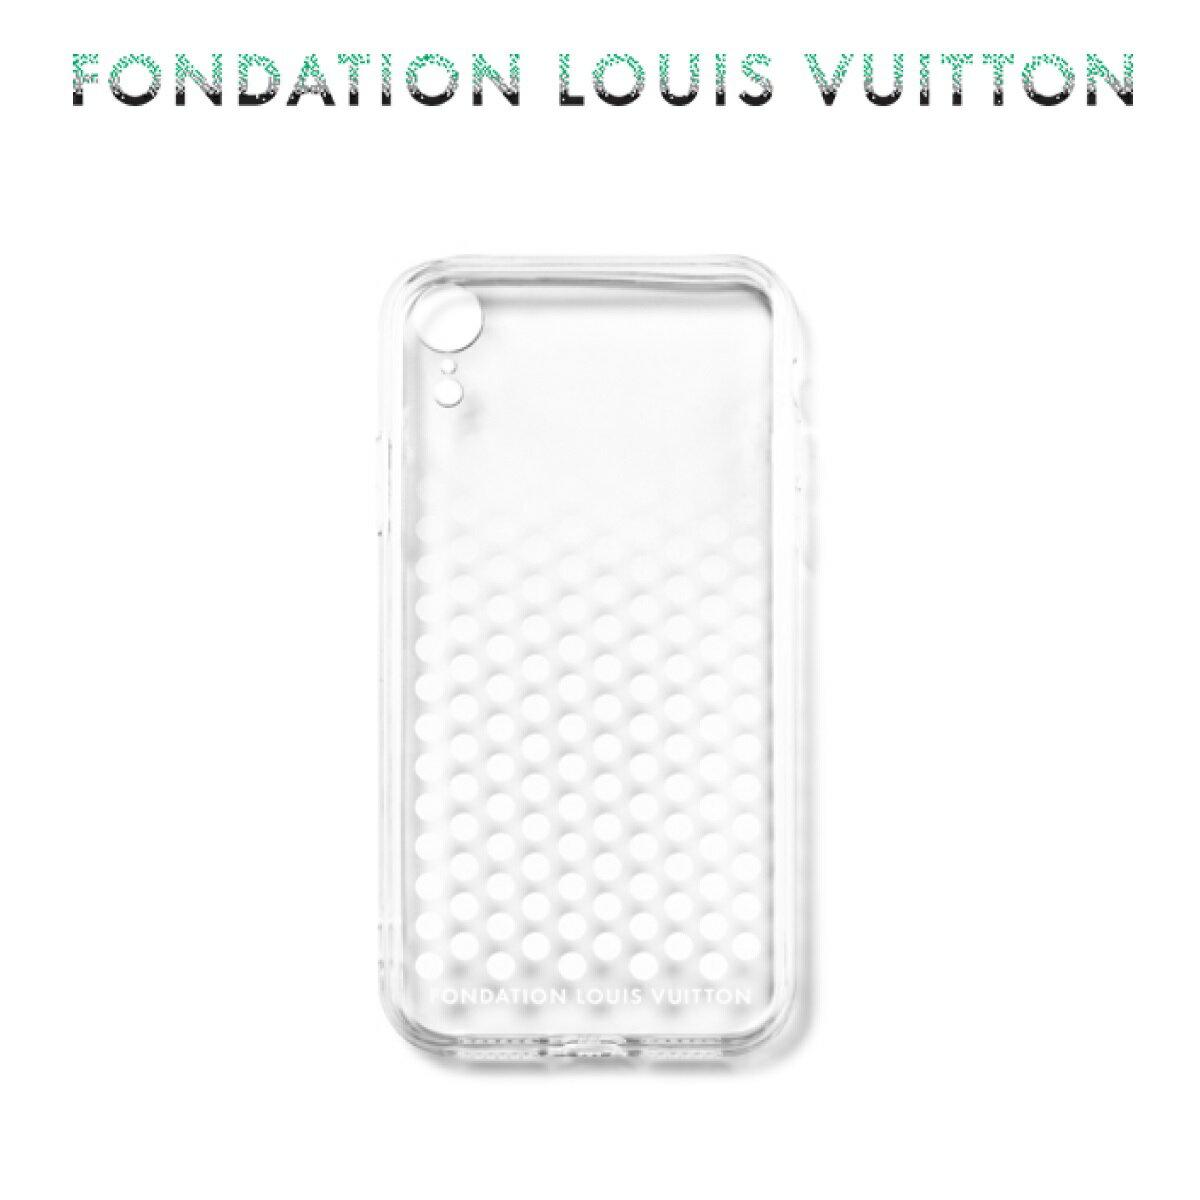 スマートフォン・携帯電話アクセサリー, ケース・カバー LOUIS VUITTONiPhone